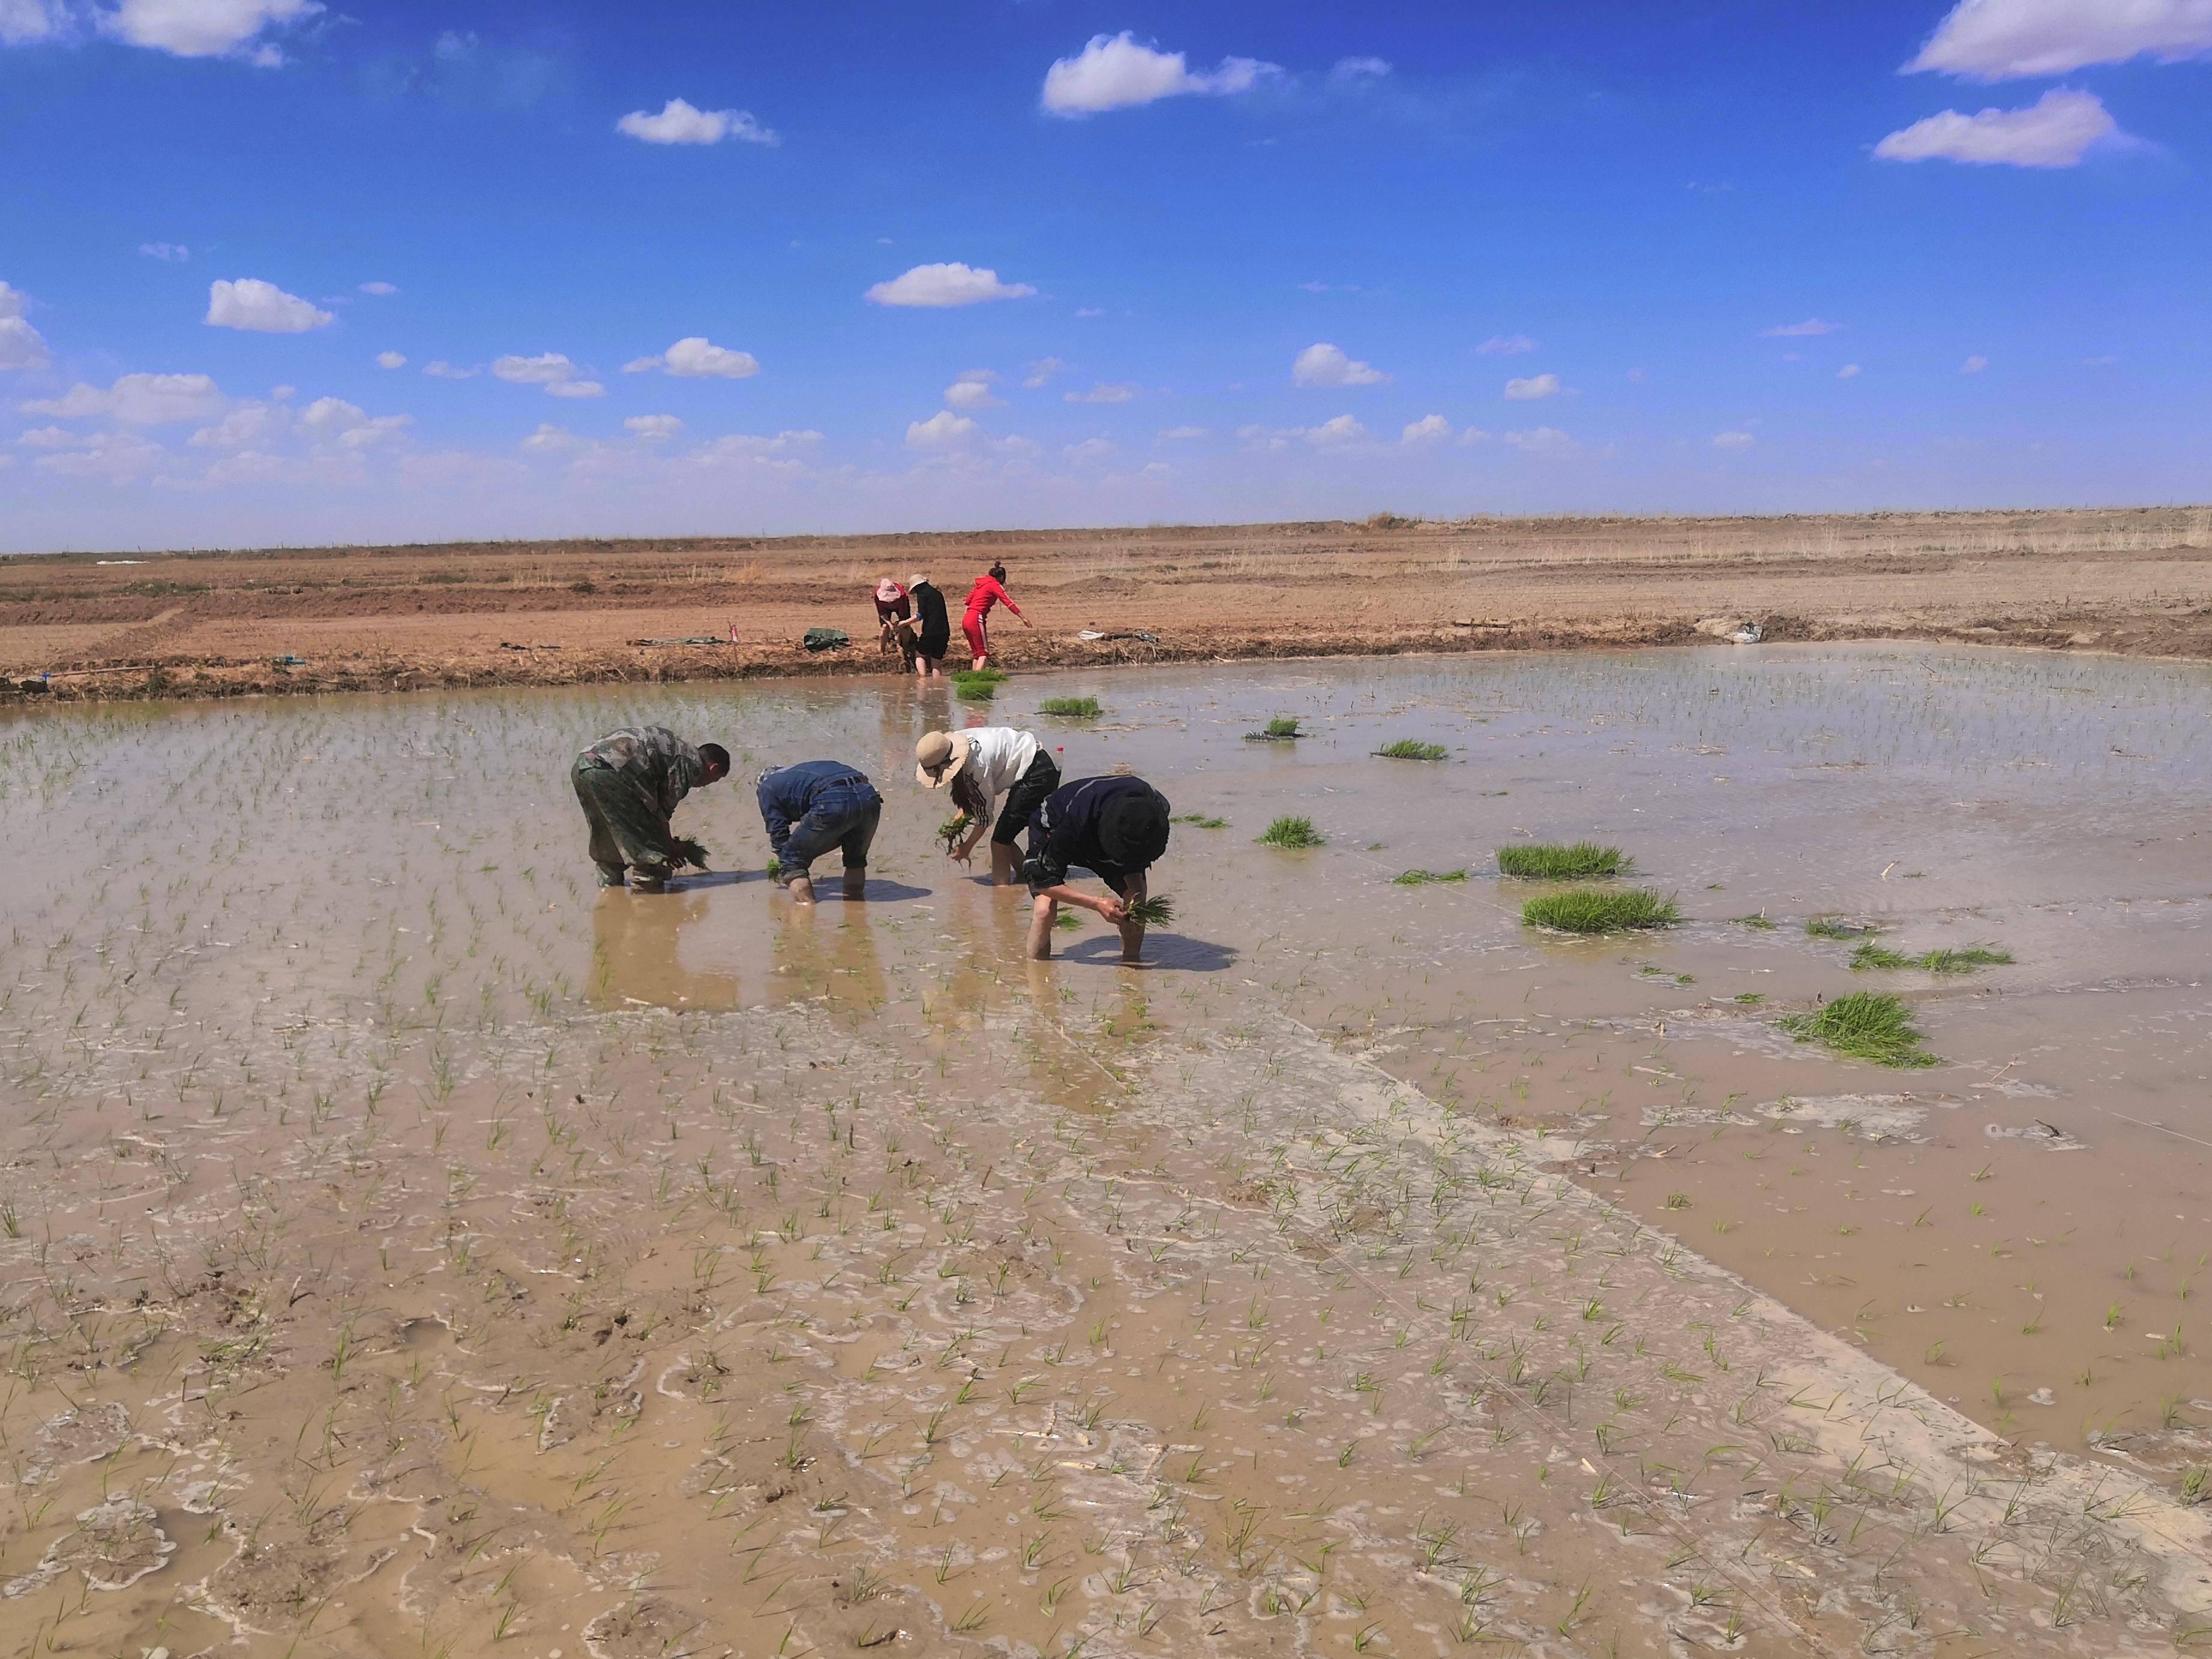 青藏高原人口少原因是什么_青藏高原有什么花